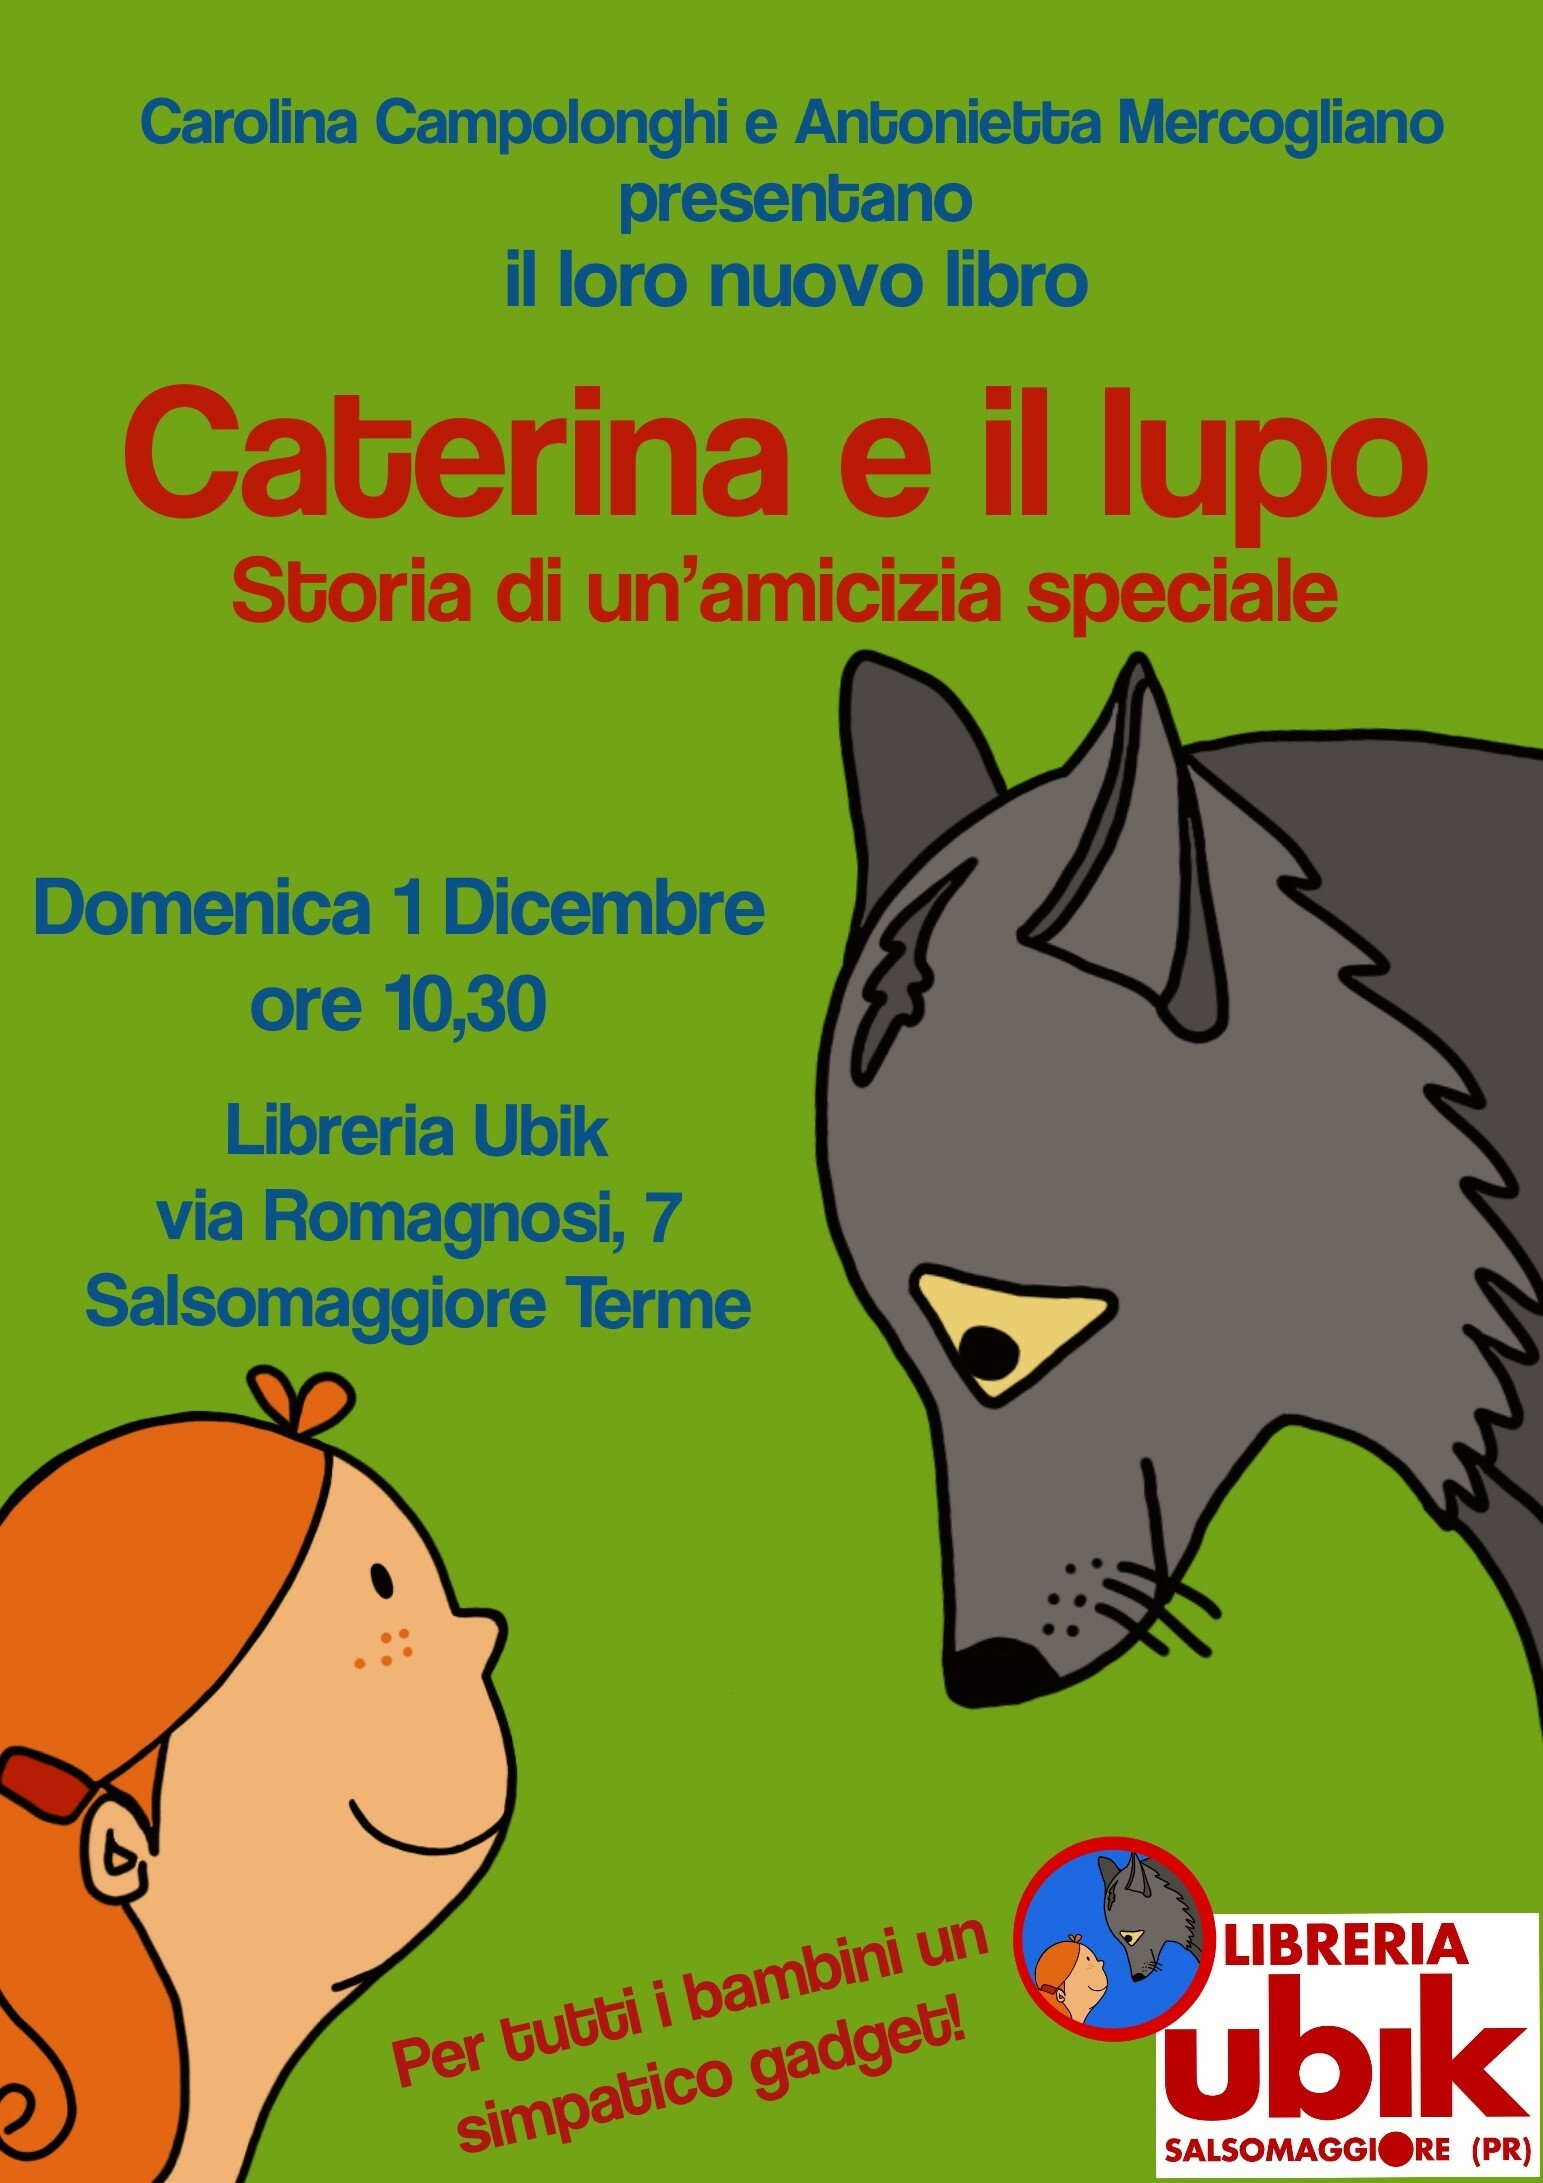 Presentazione del libro Caterina e il Lupo. con le autrici Carolina Campolonghi e Antonietta Mercogliano